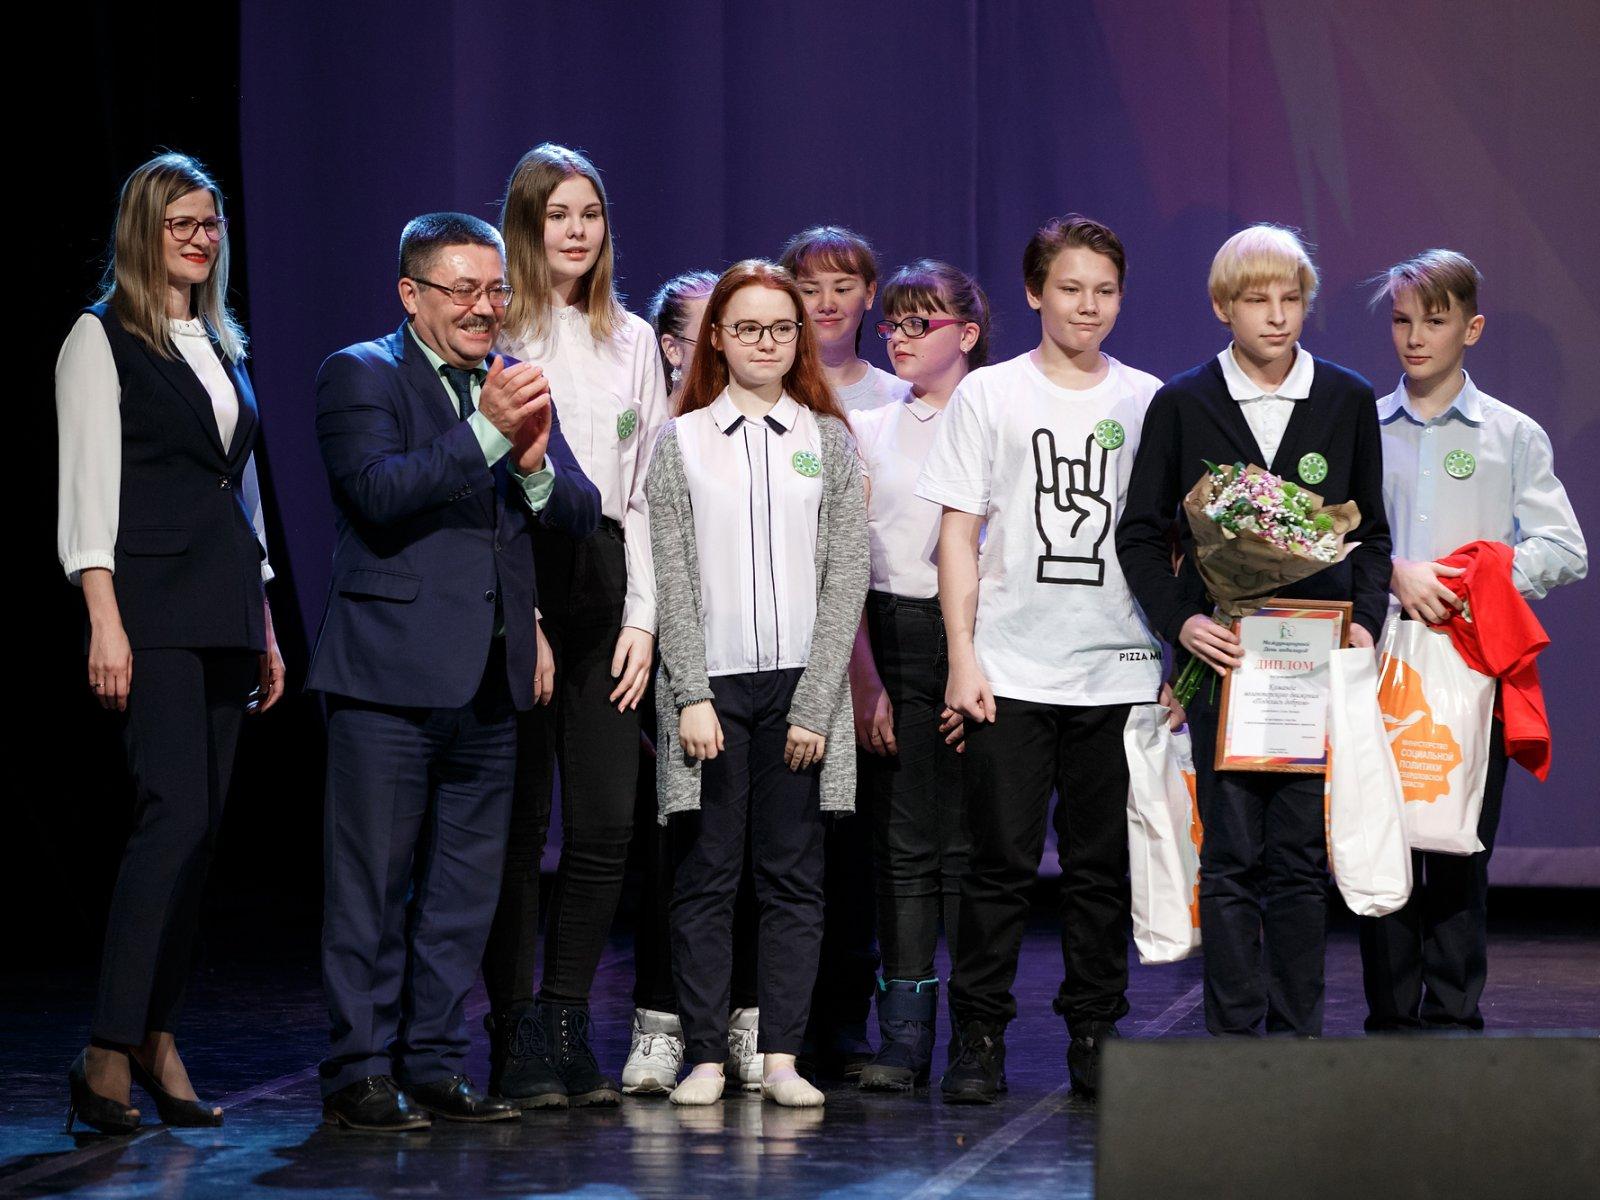 «Я считаю, нужно помогать людям! И делать это нужно от сердца, а не ради награды», – говорит 14-летний Семен Хромцов